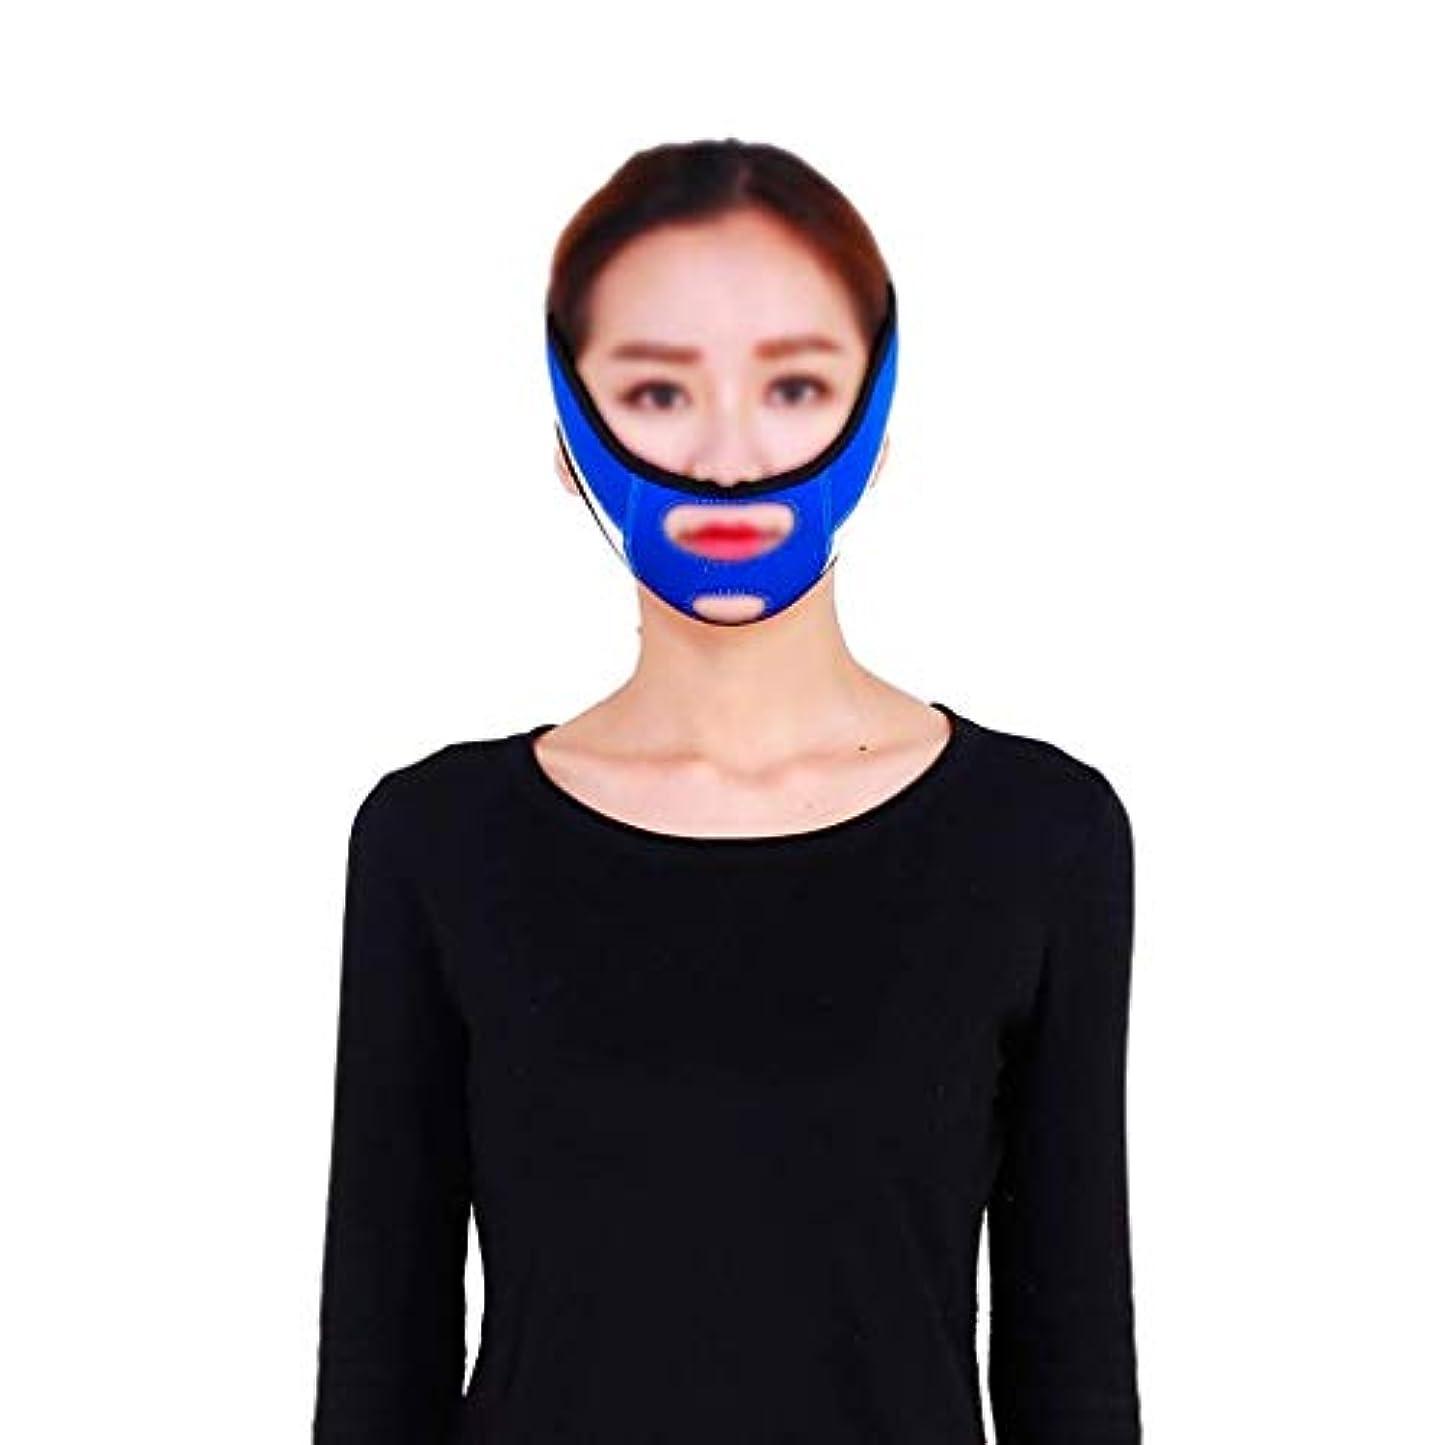 トンパスタページファーミングフェイスマスク、スモールVフェイスアーティファクトリフティングマスク、口を調整して垂れ下がった肌を縮小滑り止め弾性ストレッチ包帯